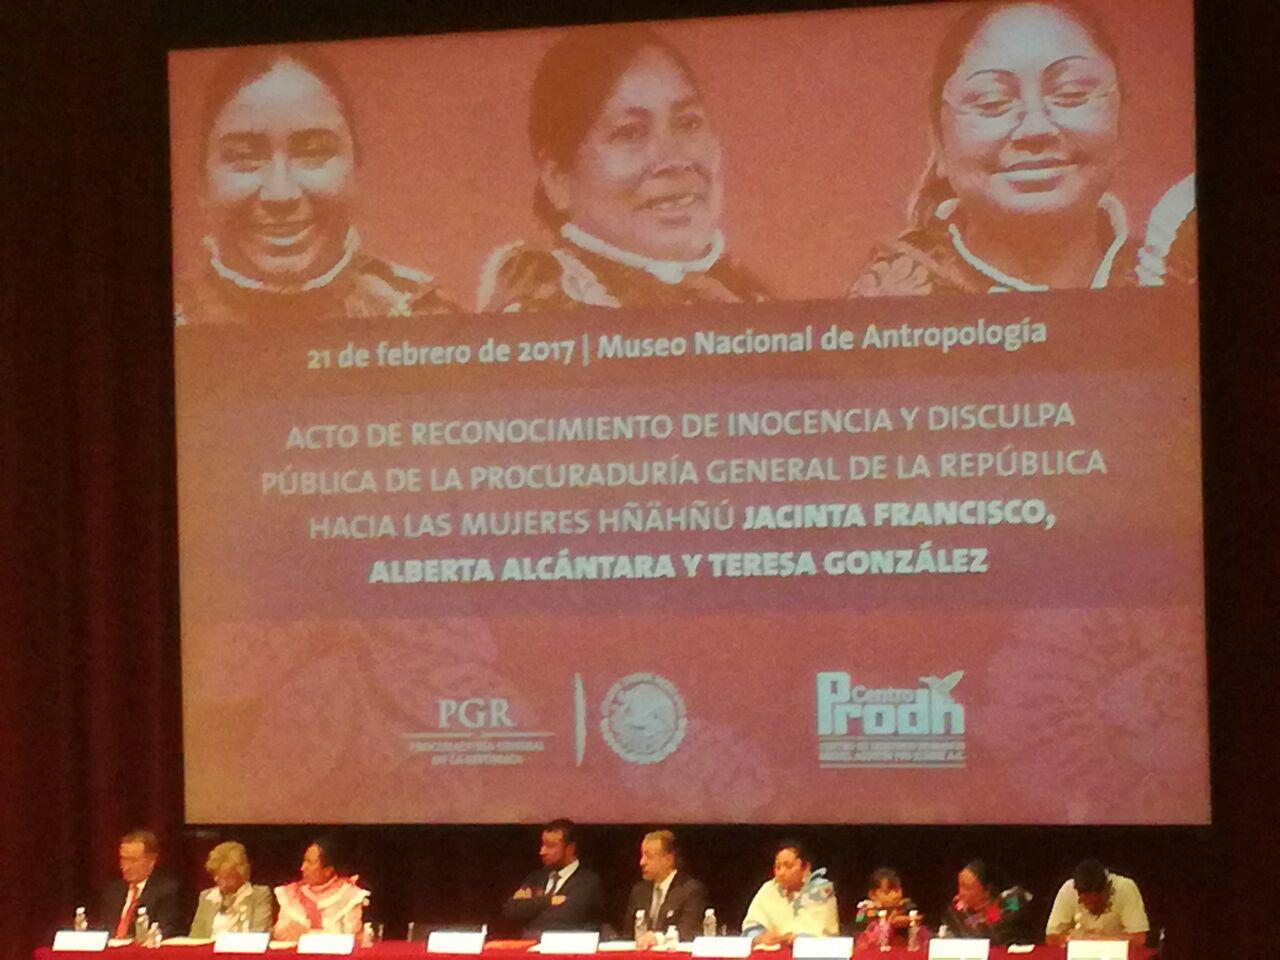 Insuficiente la disculpa pública de la PGR a las 3 indígenas Hñahñu. Se debe castigar a las personas involucradas en el proceso: Candelaria Ochoa